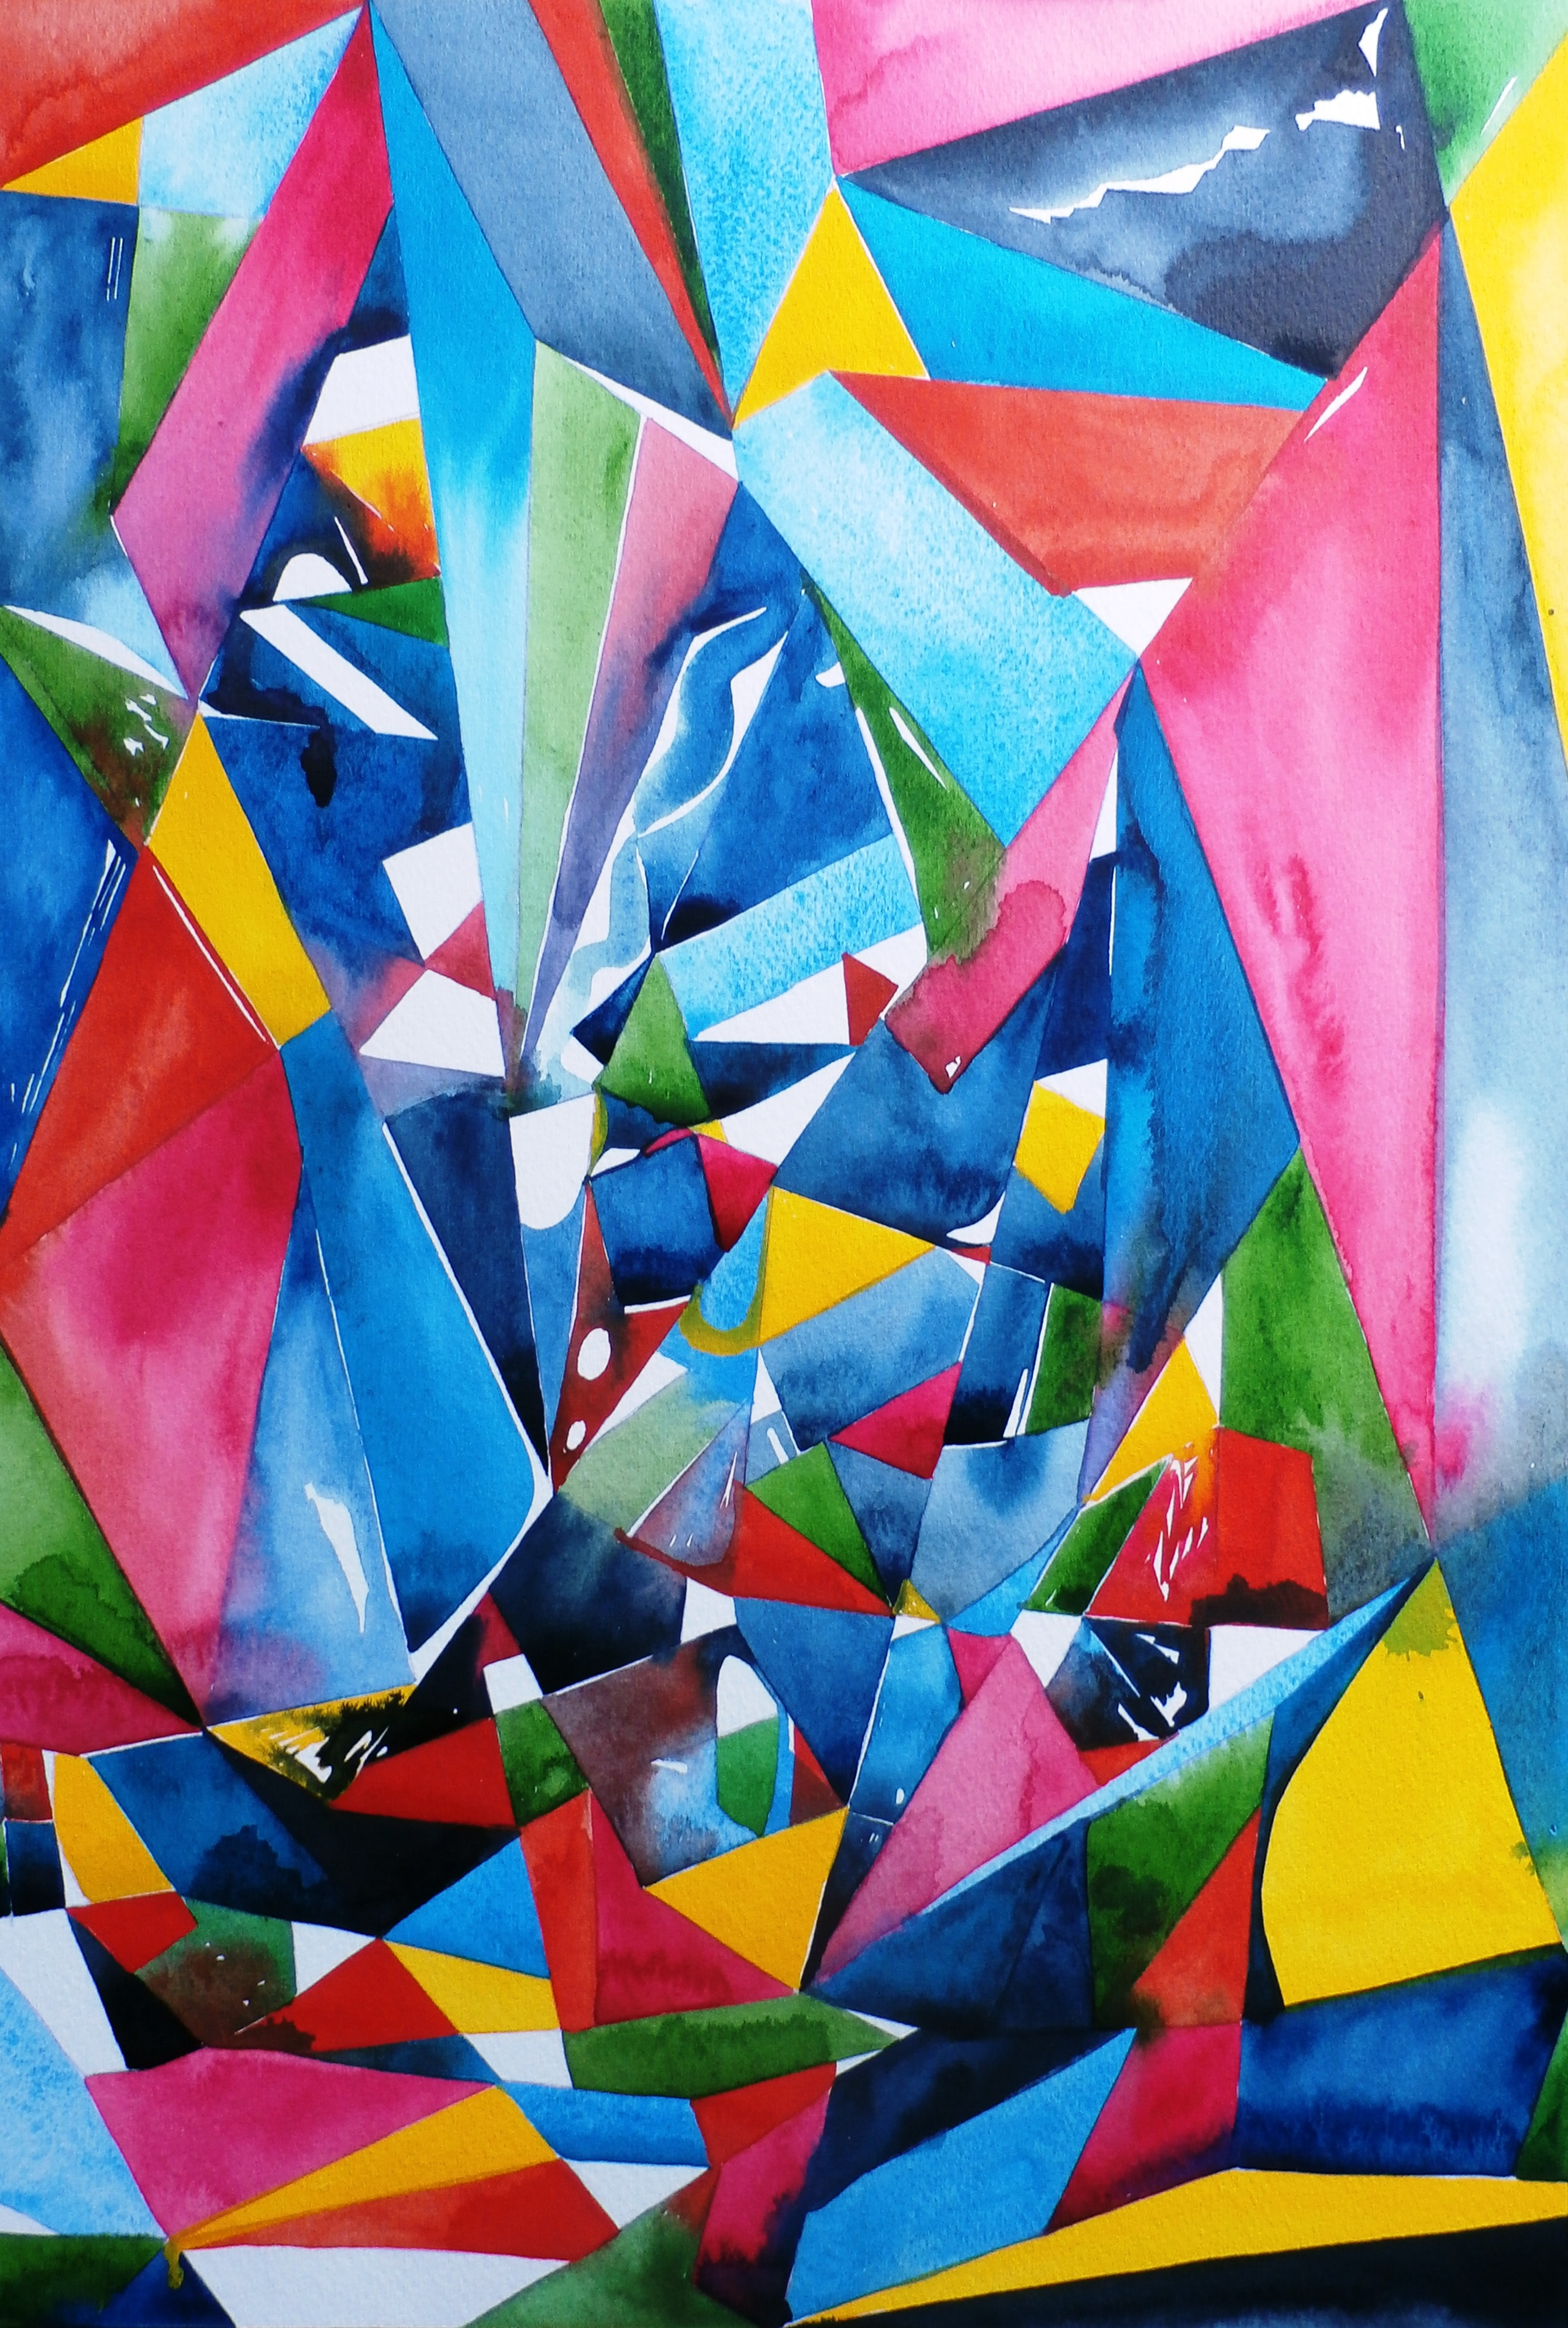 Chaos Watercolour 59.5 x 42 cm